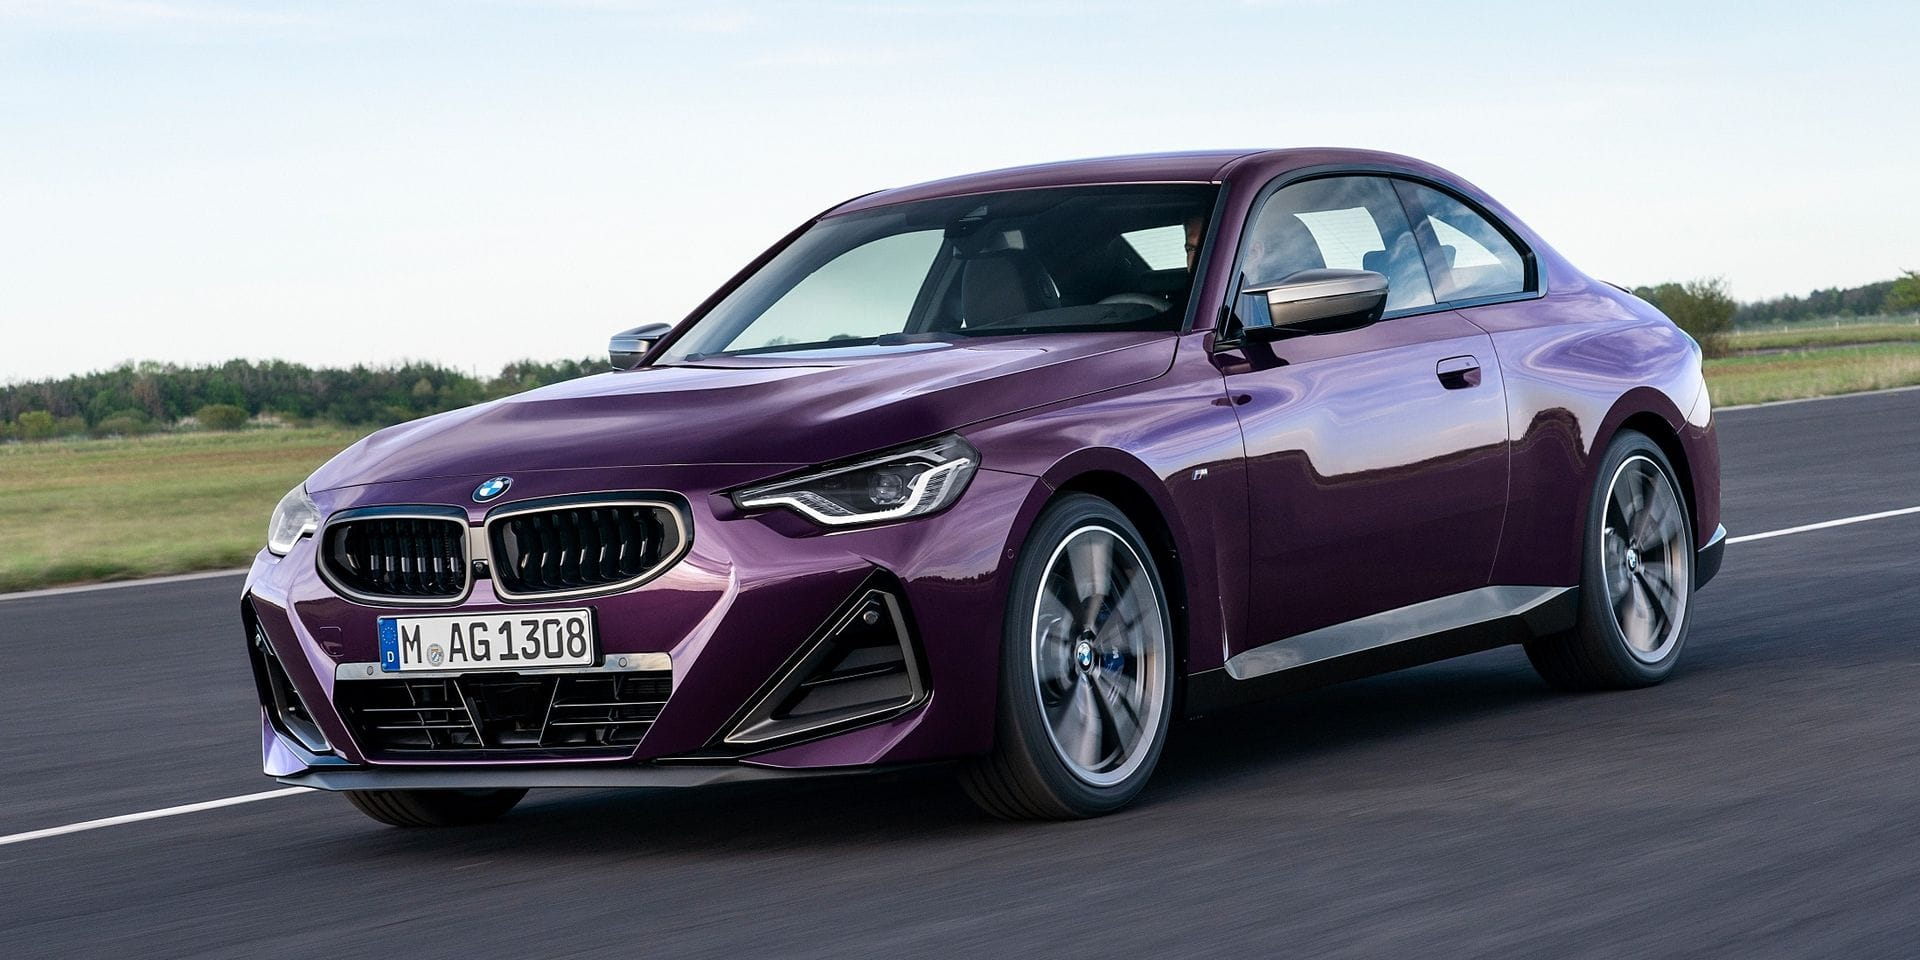 La nouvelle BMW Série 2 Coupé reste fidèle à sa lignée